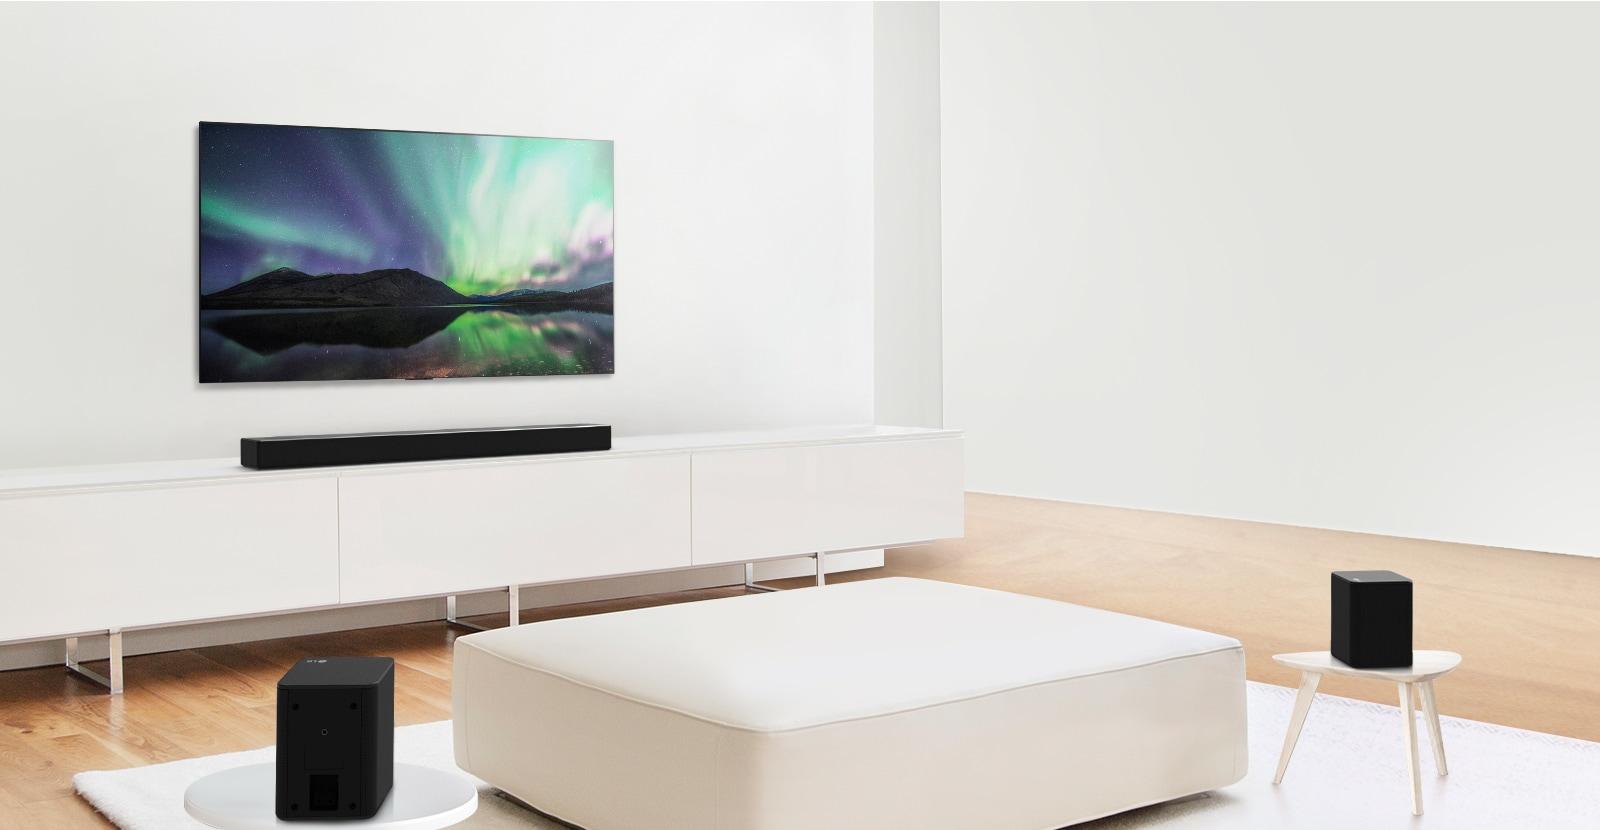 Vista previa del vídeo que muestra la barra de sonido LG en un salón blanco con la configuración de 5.02 canales.